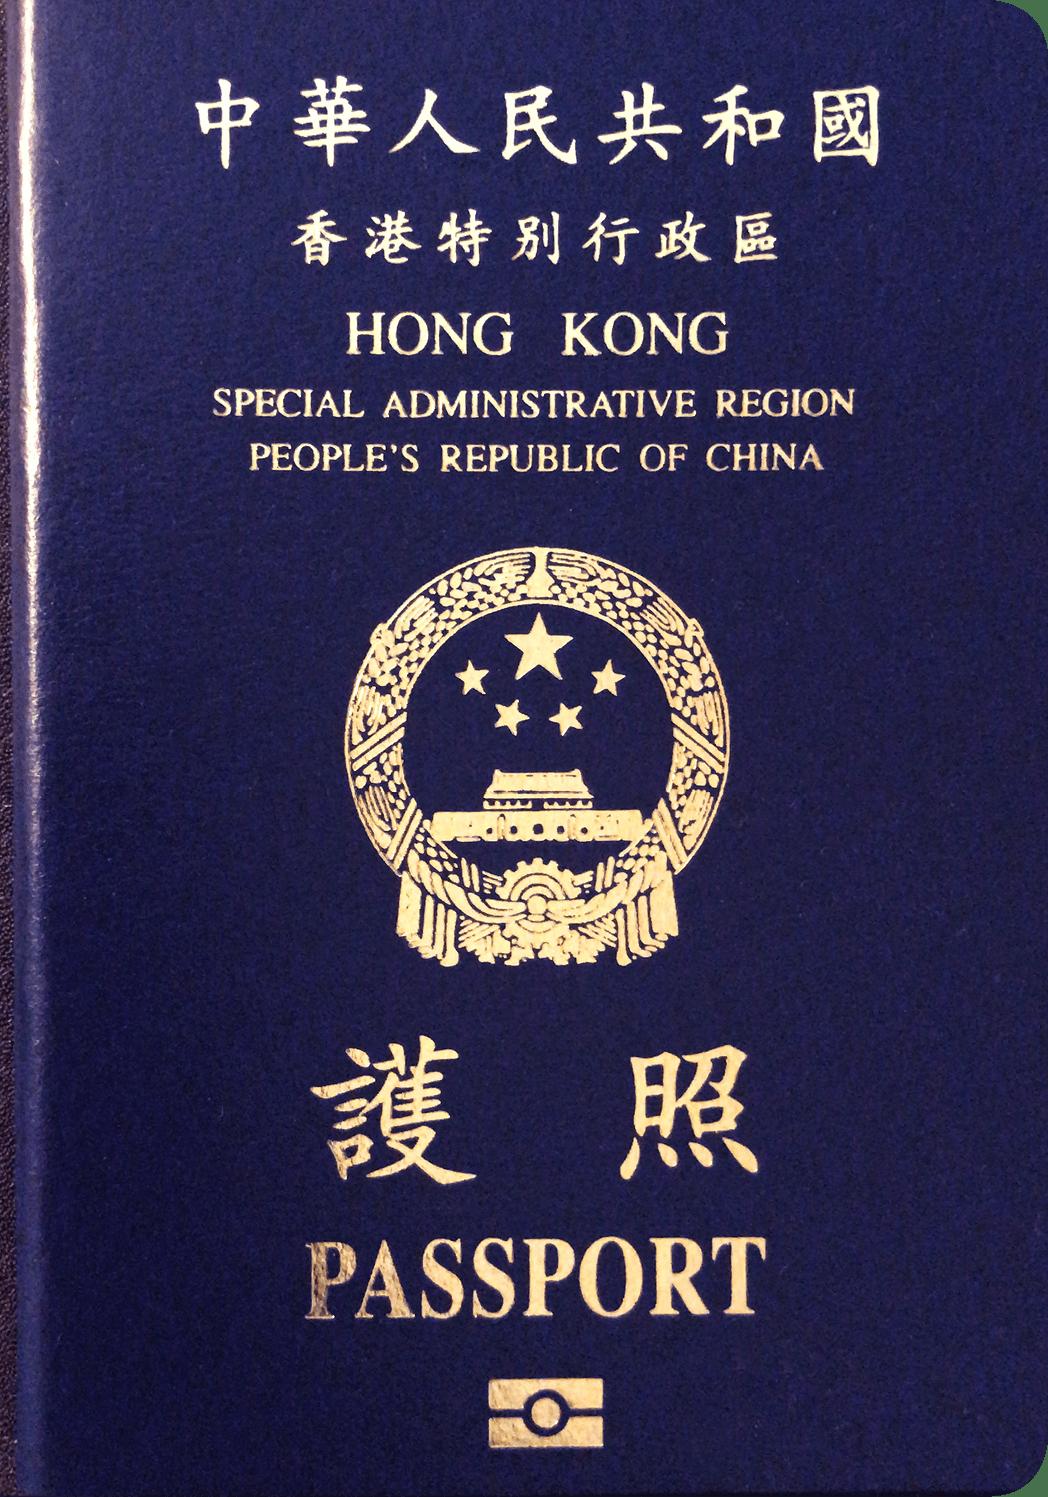 A regular or ordinary hong kong passport - Front side